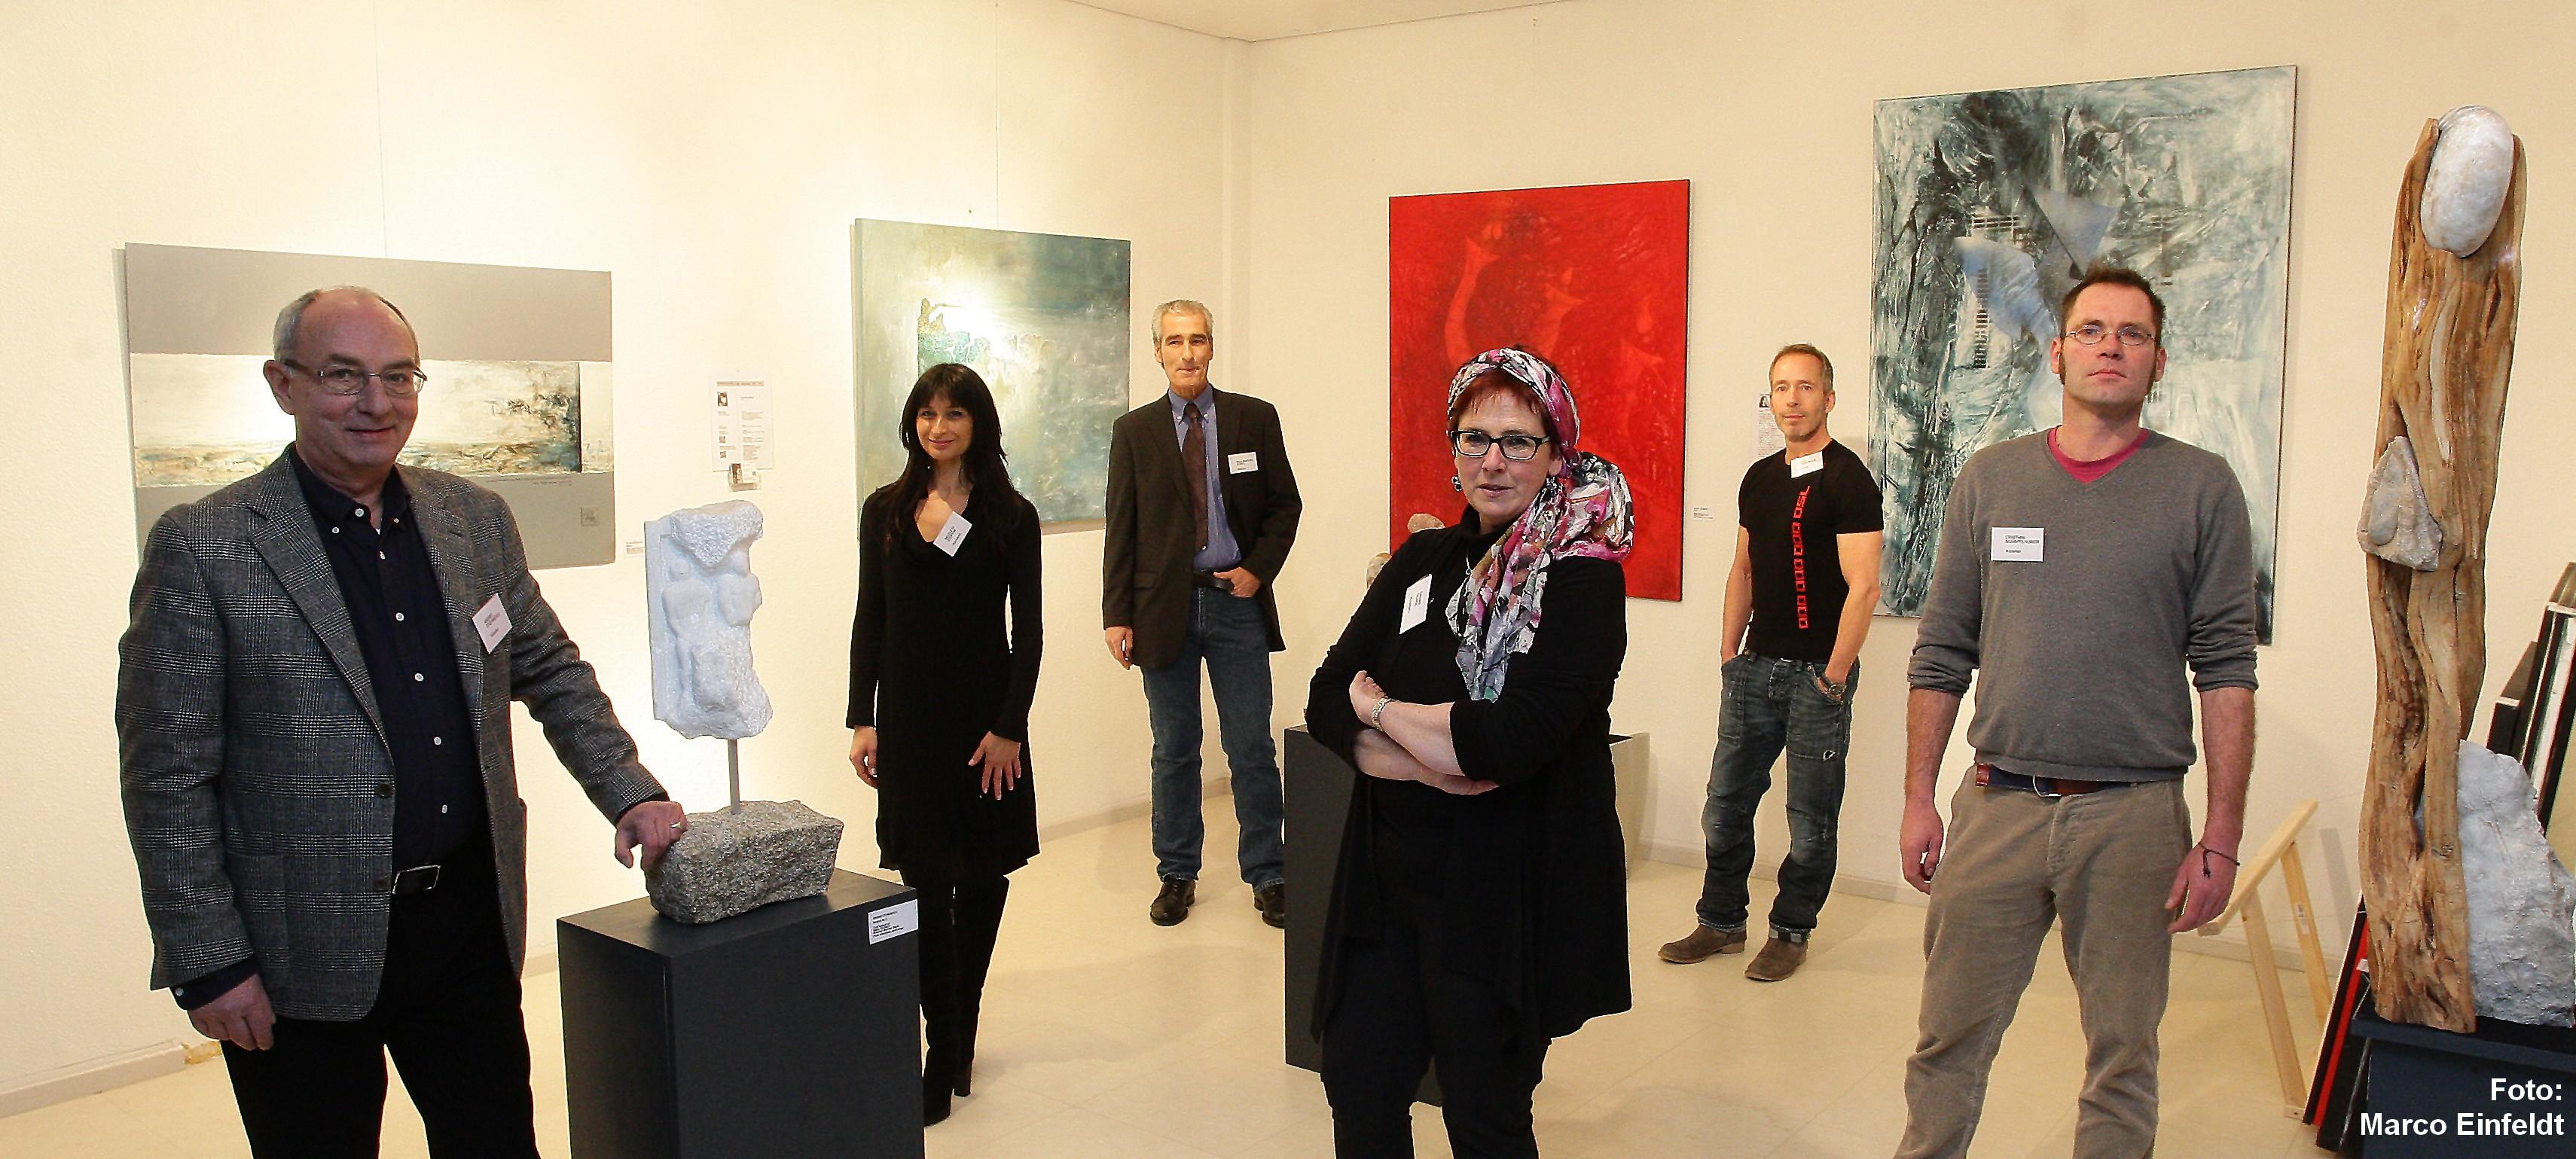 2014 Kunst-Klimazonen Eching, mit Künstlerkollegen